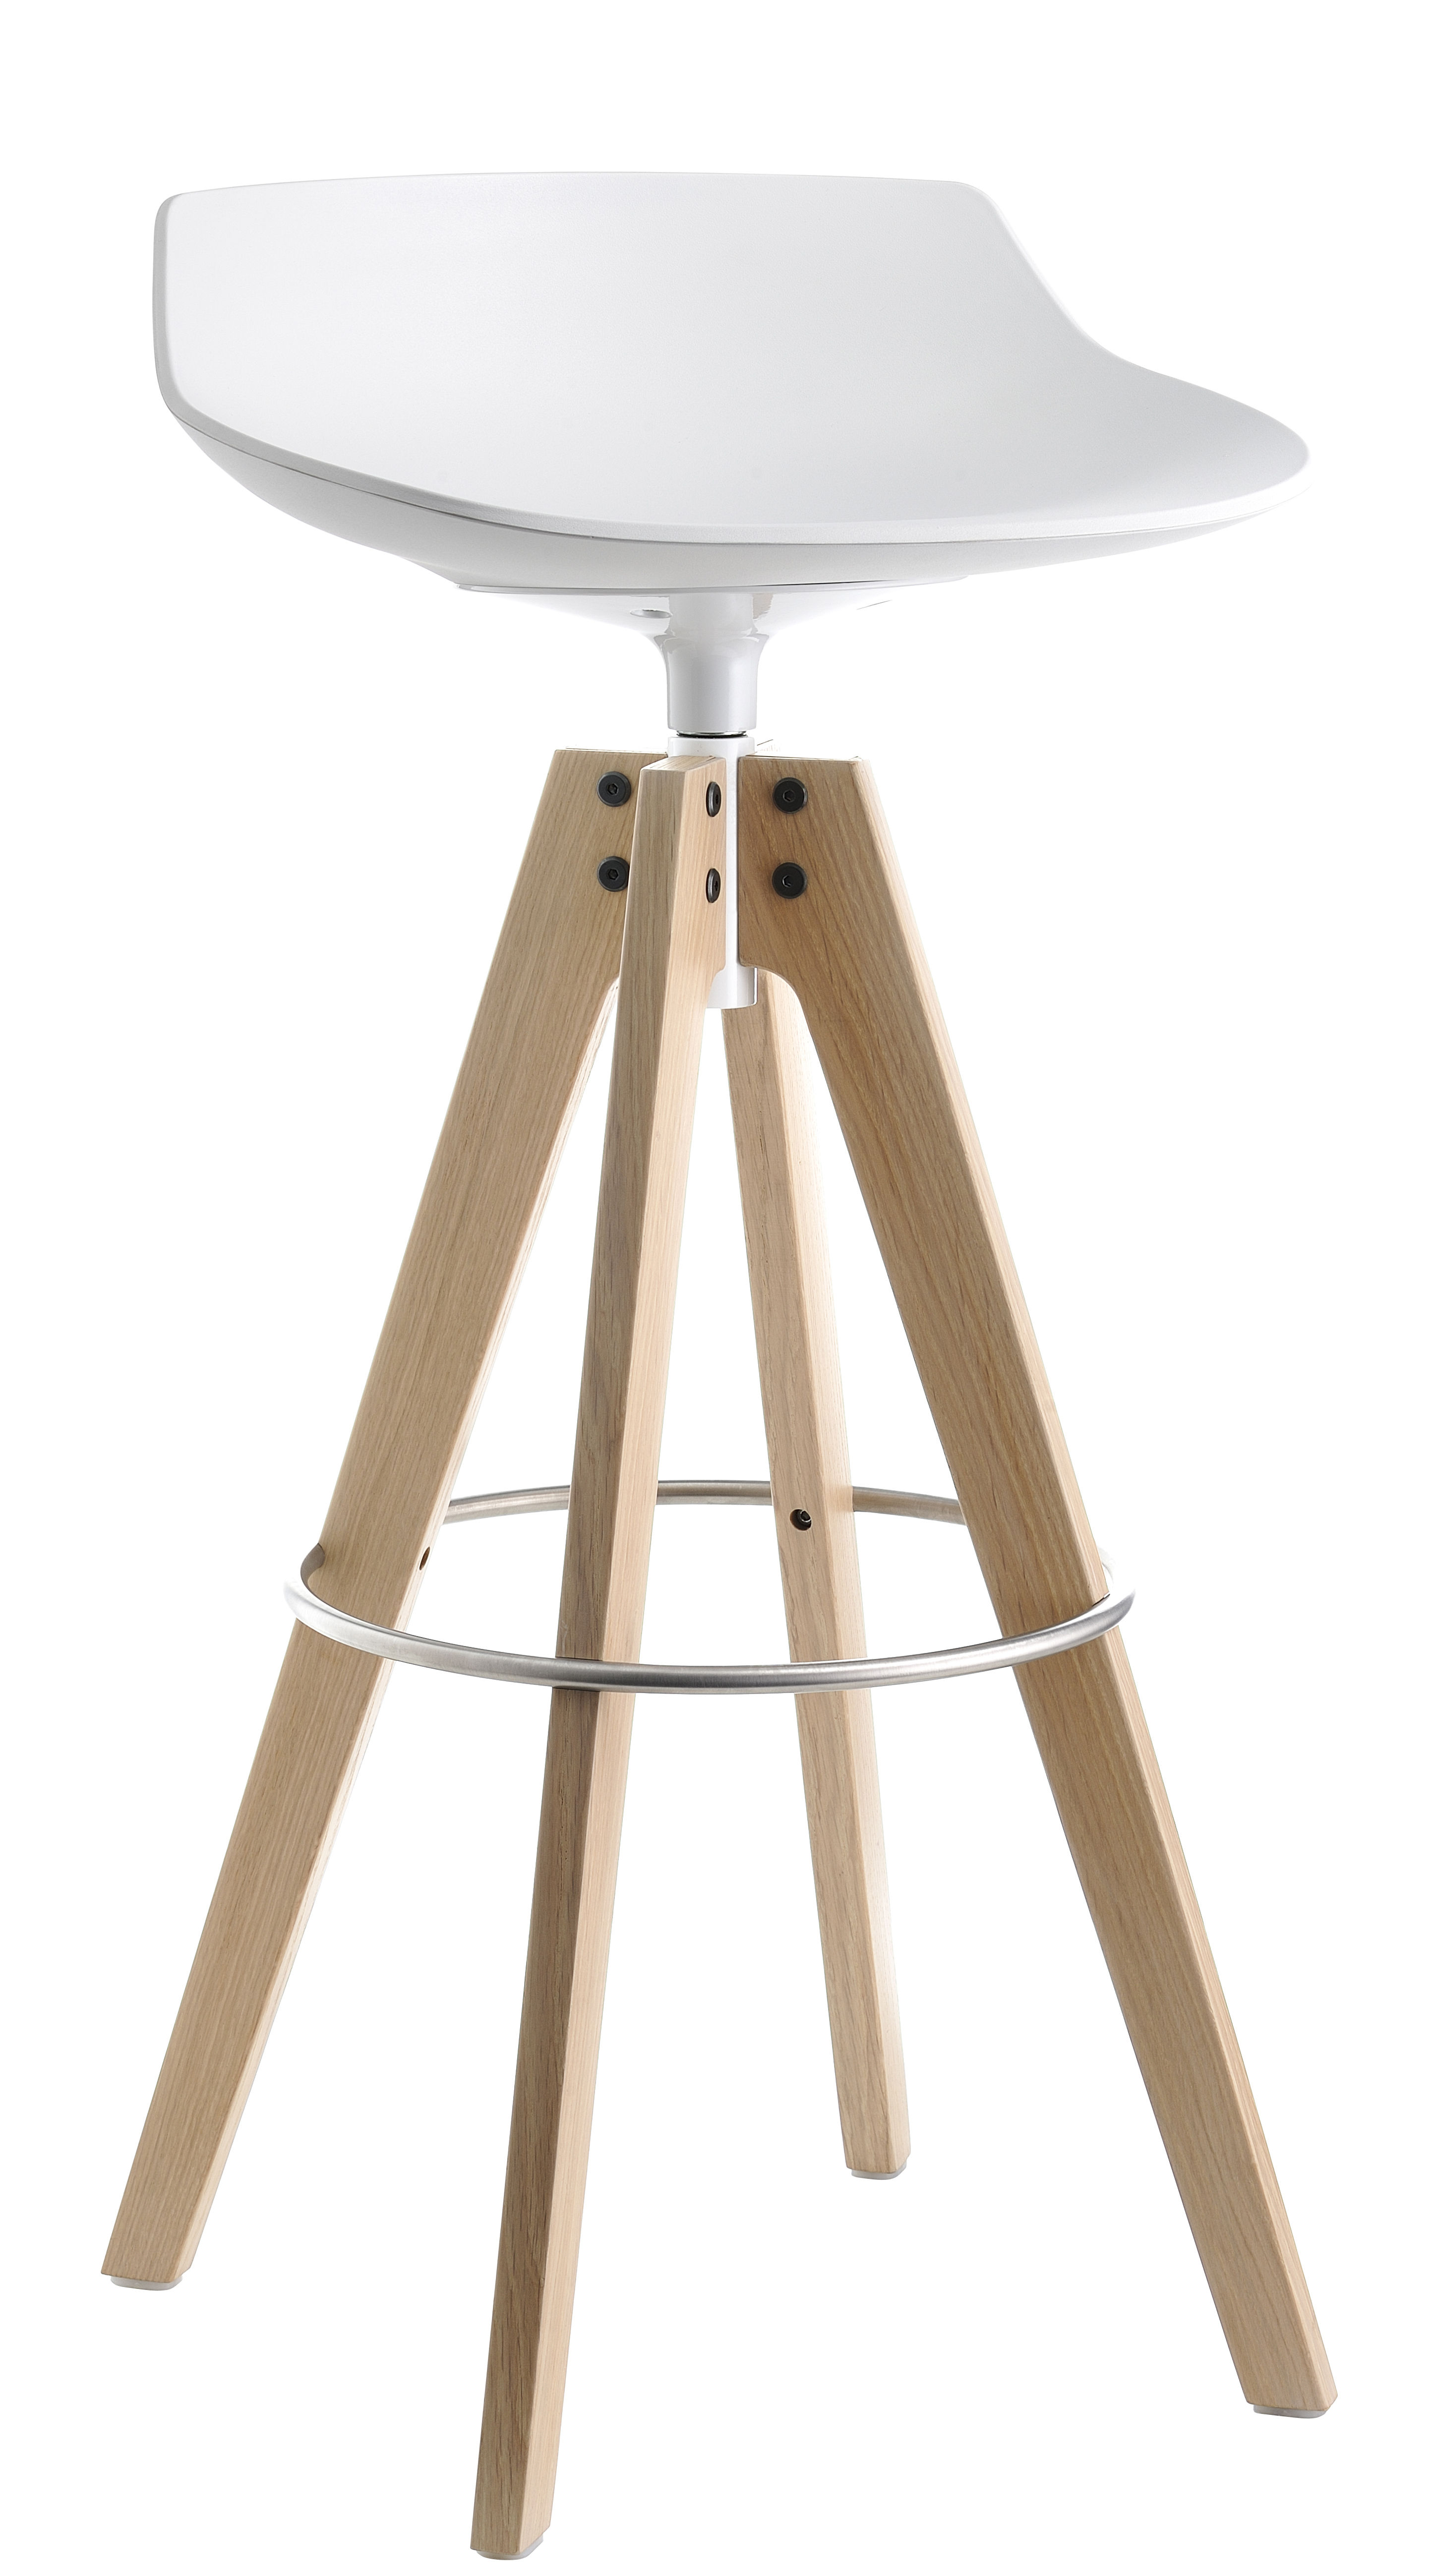 Möbel - Barhocker - Flow Barhocker / H 78 cm - Stuhlbeine Eiche - MDF Italia - Weiß / Stuhlbeine Eiche natur - gebürsteter rostfreier Stahl, massive Eiche, Polyurhethan